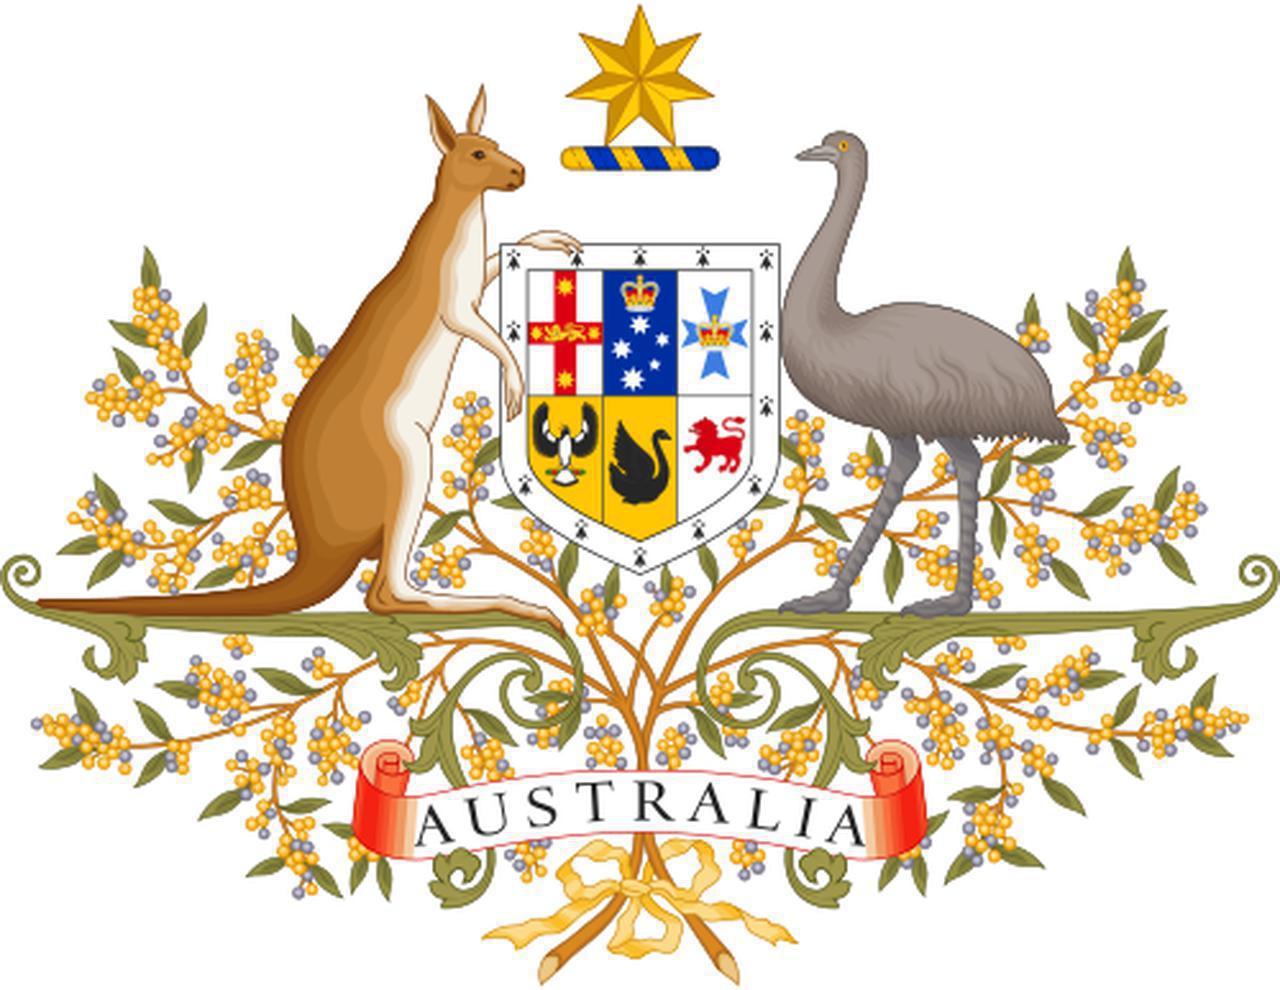 画像2: キュン死注意!ふわふわモフモフ大集合!<第5回>「もうひとつのオーストラリア編」【好奇心で旅する海外】<来た来た!アニマル>